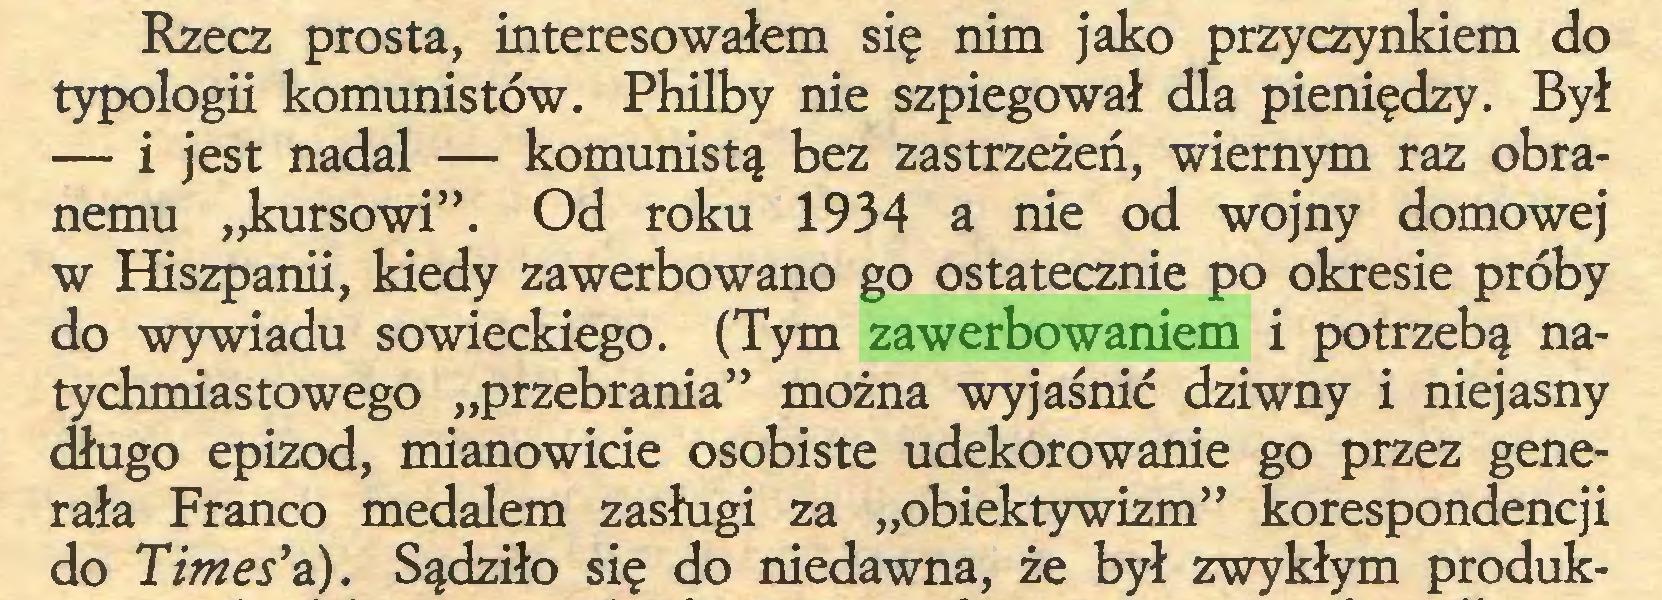 """(...) Rzecz prosta, interesowałem się nim jako przyczynkiem do typologii komunistów. Philby nie szpiegował dla pieniędzy. Był — i jest nadal — komunistą bez zastrzeżeń, wiernym raz obranemu """"kursowi"""". Od roku 1934 a nie od wojny domowej w Hiszpanii, kiedy zawerbowano go ostatecznie po okresie próby do wywiadu sowieckiego. (Tym zawerbowaniem i potrzebą natychmiastowego """"przebrania"""" można wyjaśnić dziwny i niejasny <fiugo epizod, mianowicie osobiste udekorowanie go przez generała Franco medalem zasługi za """"obiektywizm"""" korespondencji do Times'a). Sądziło się do niedawna, że był zwykłym produk..."""